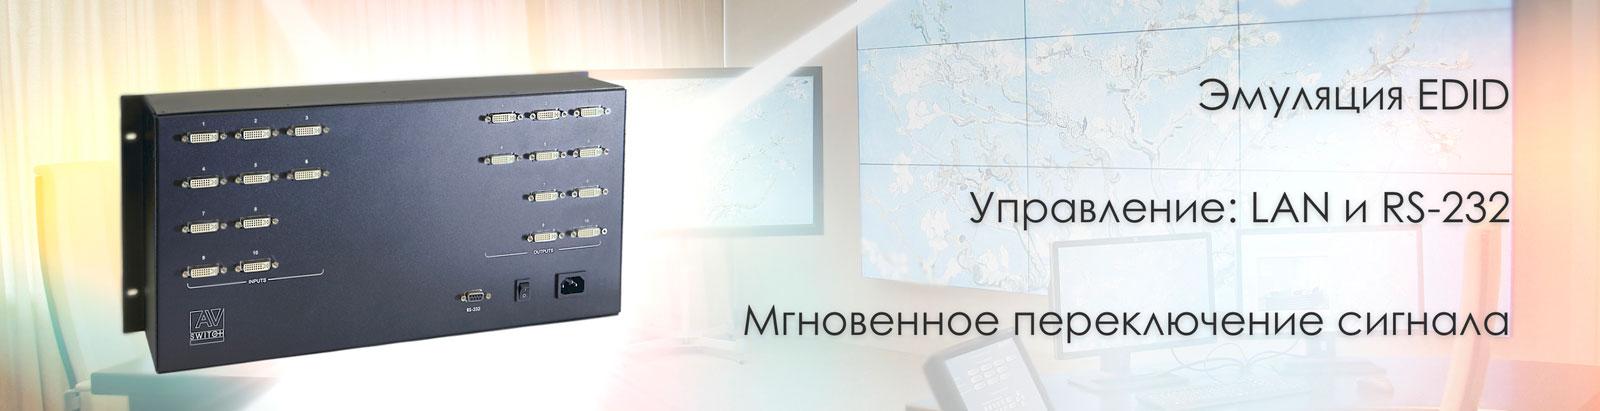 AV Production Матричный коммутатор DVI-SW 10x10